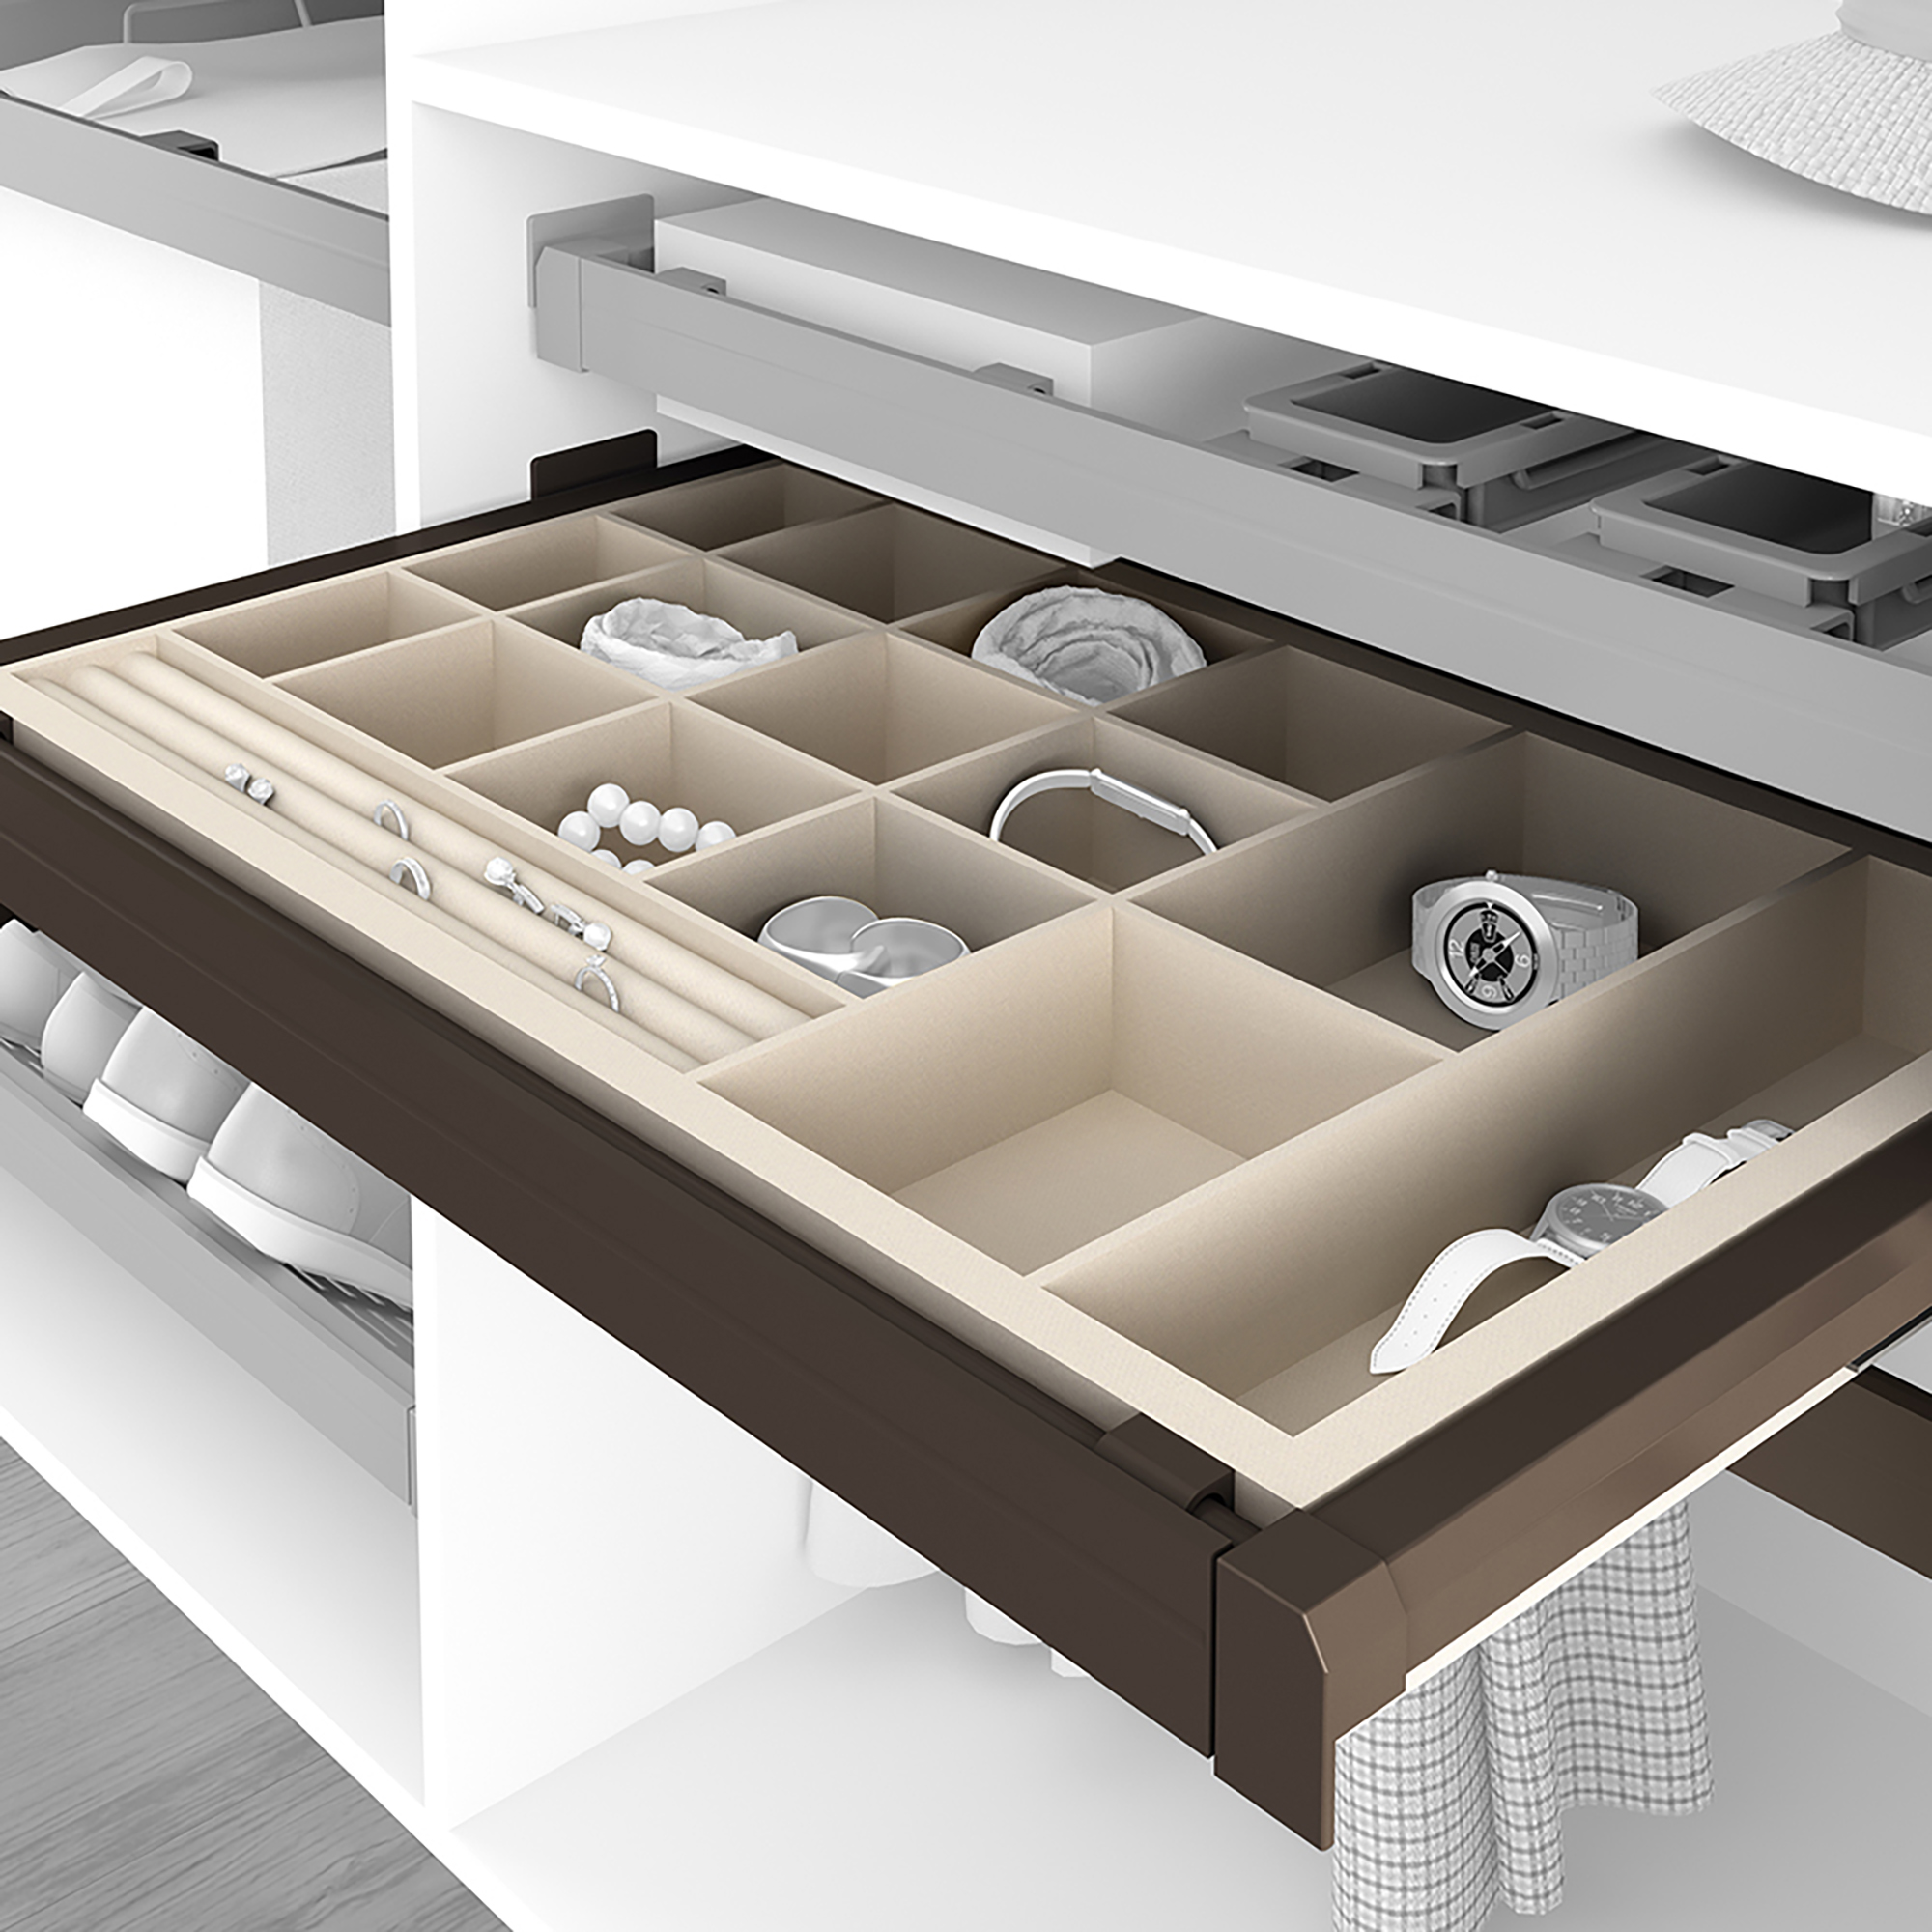 Emuca Kit Portagioielli con guide, regolabile, modulo di 900 mm, Acciaio e Alluminio, Color moka